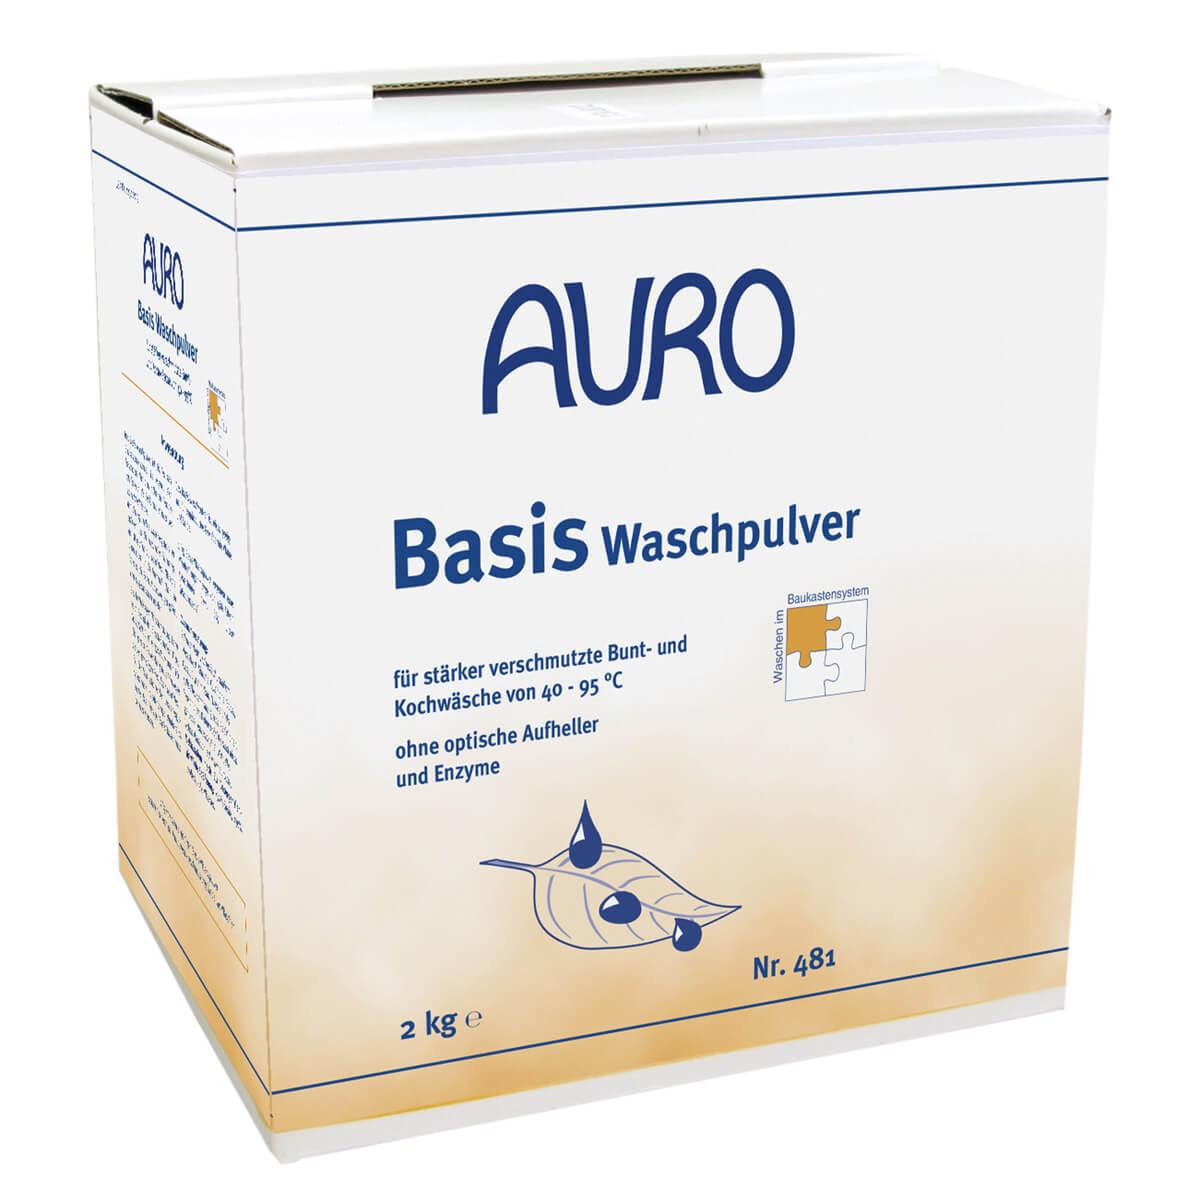 AURO Basis-Waschpulver